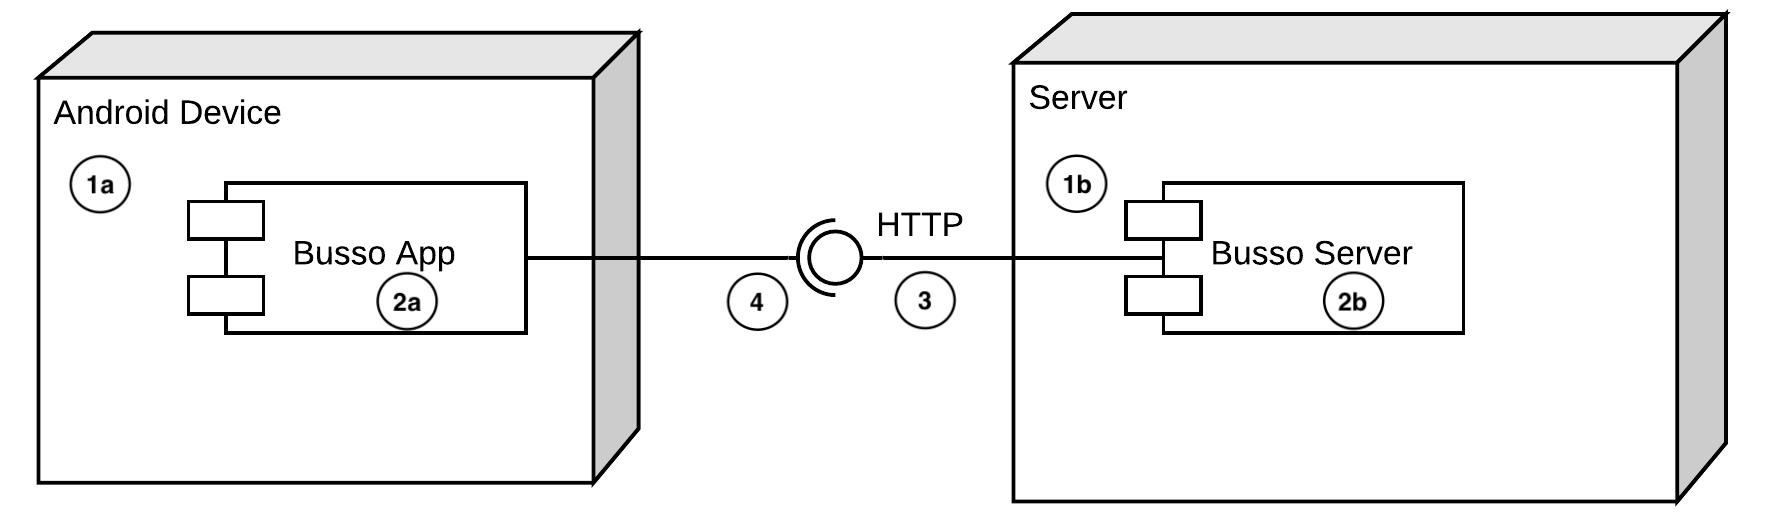 Figure 2.1 — Client Server Architecture